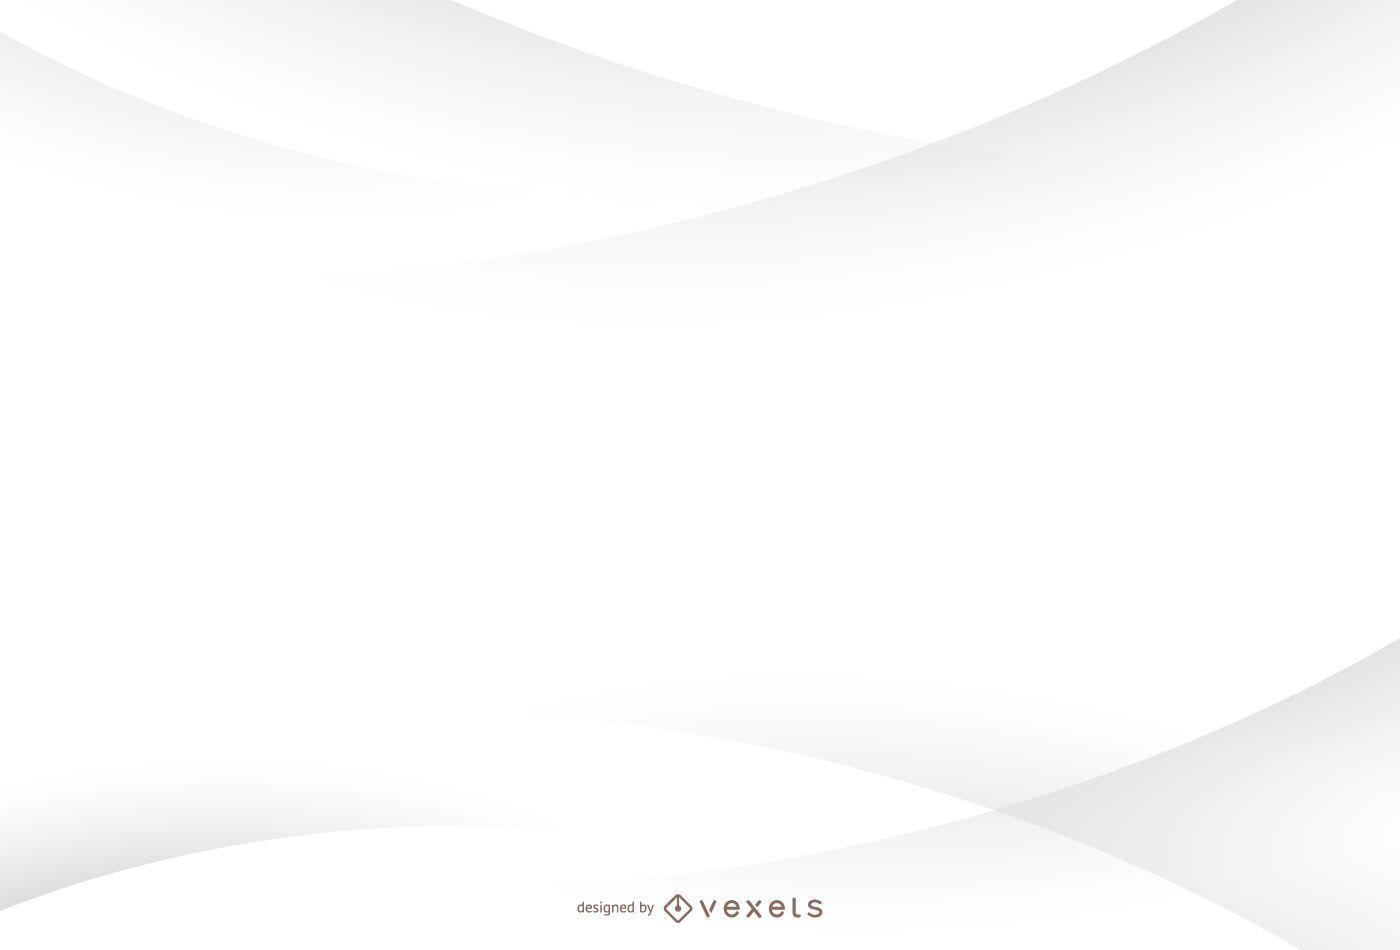 Fundo Branco Minimalista Com Curvas Baixar Vector